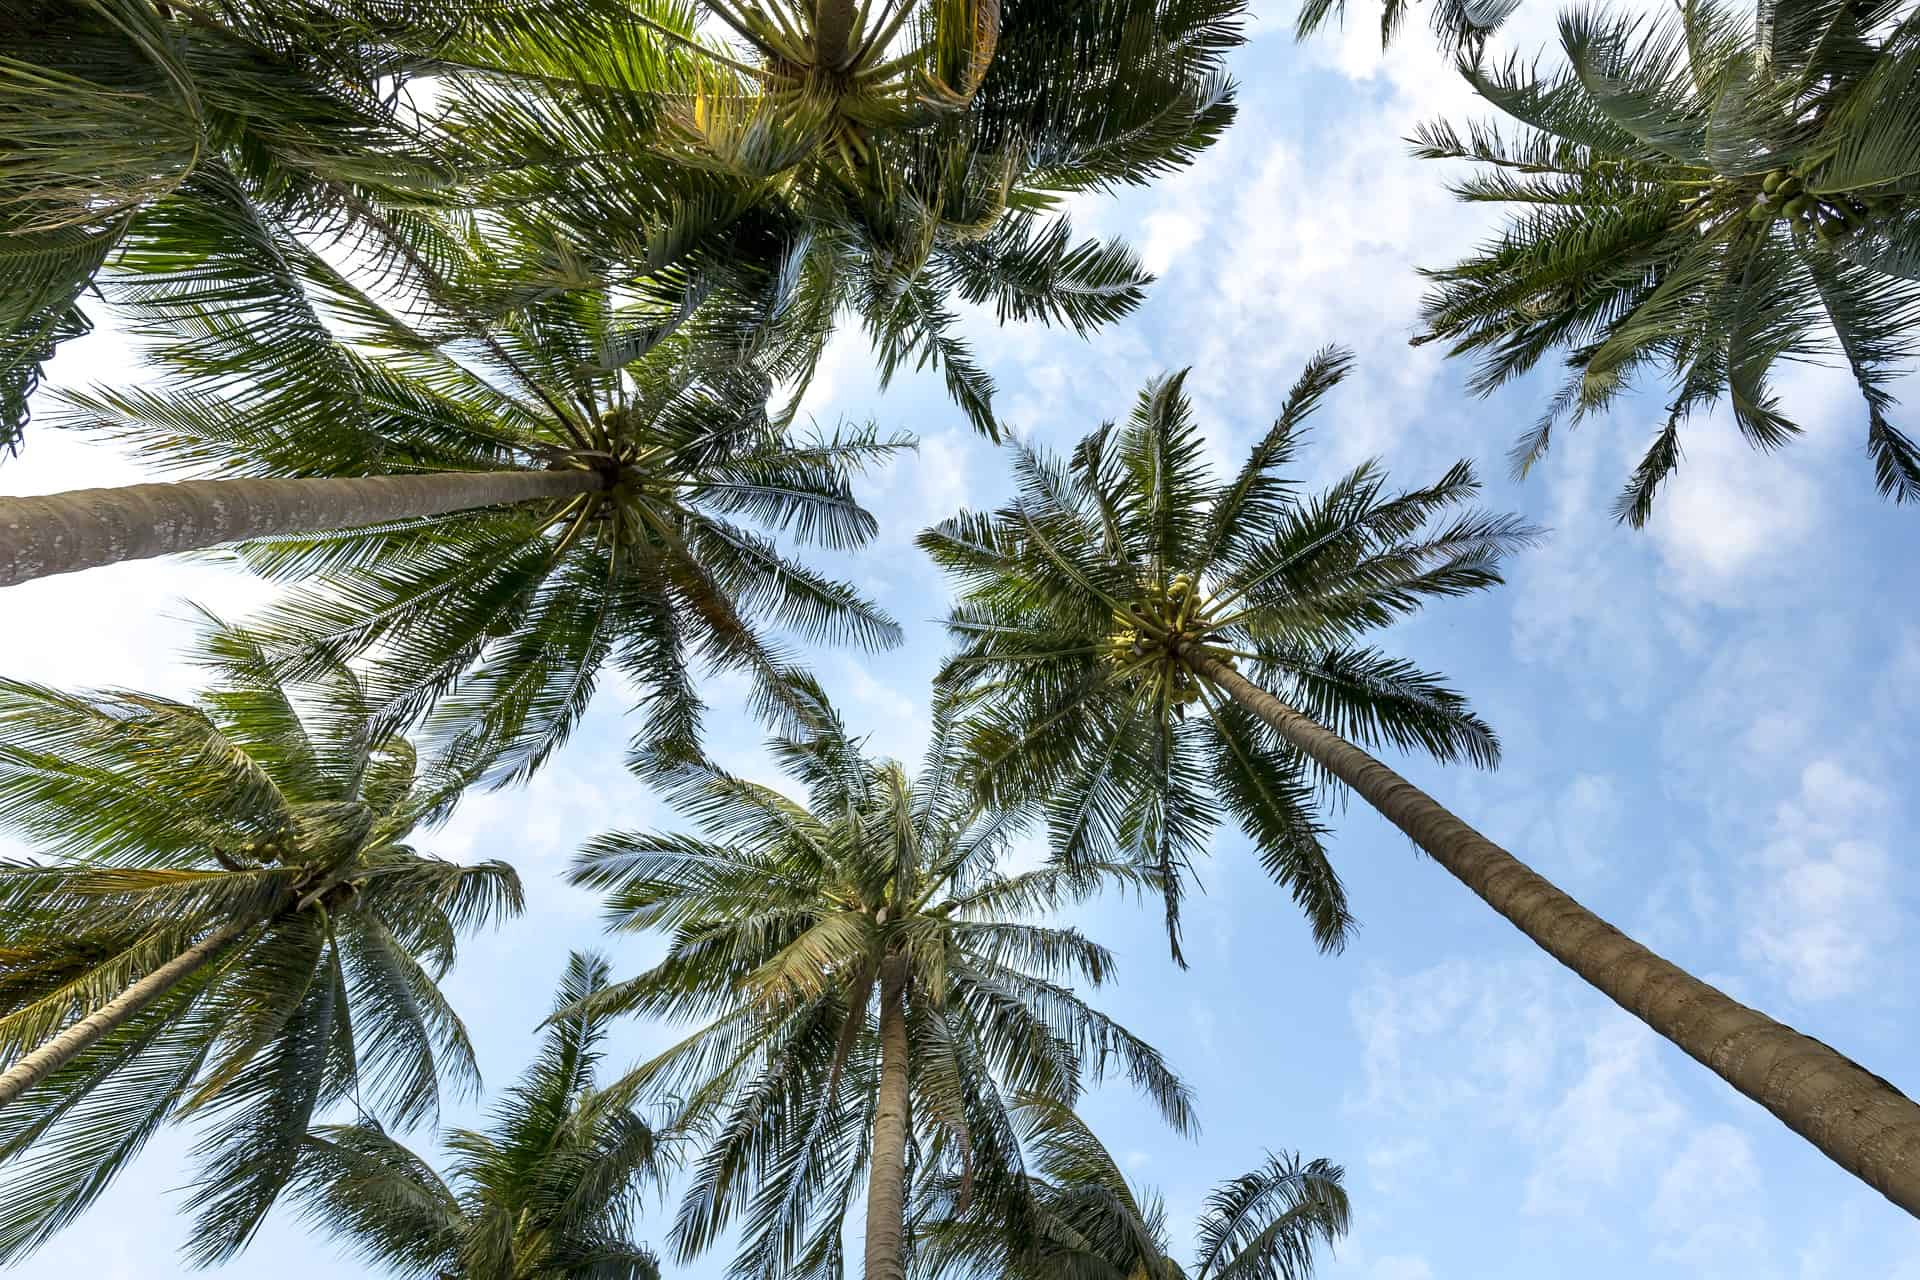 Palmzucker: Test & Empfehlungen (02/20)